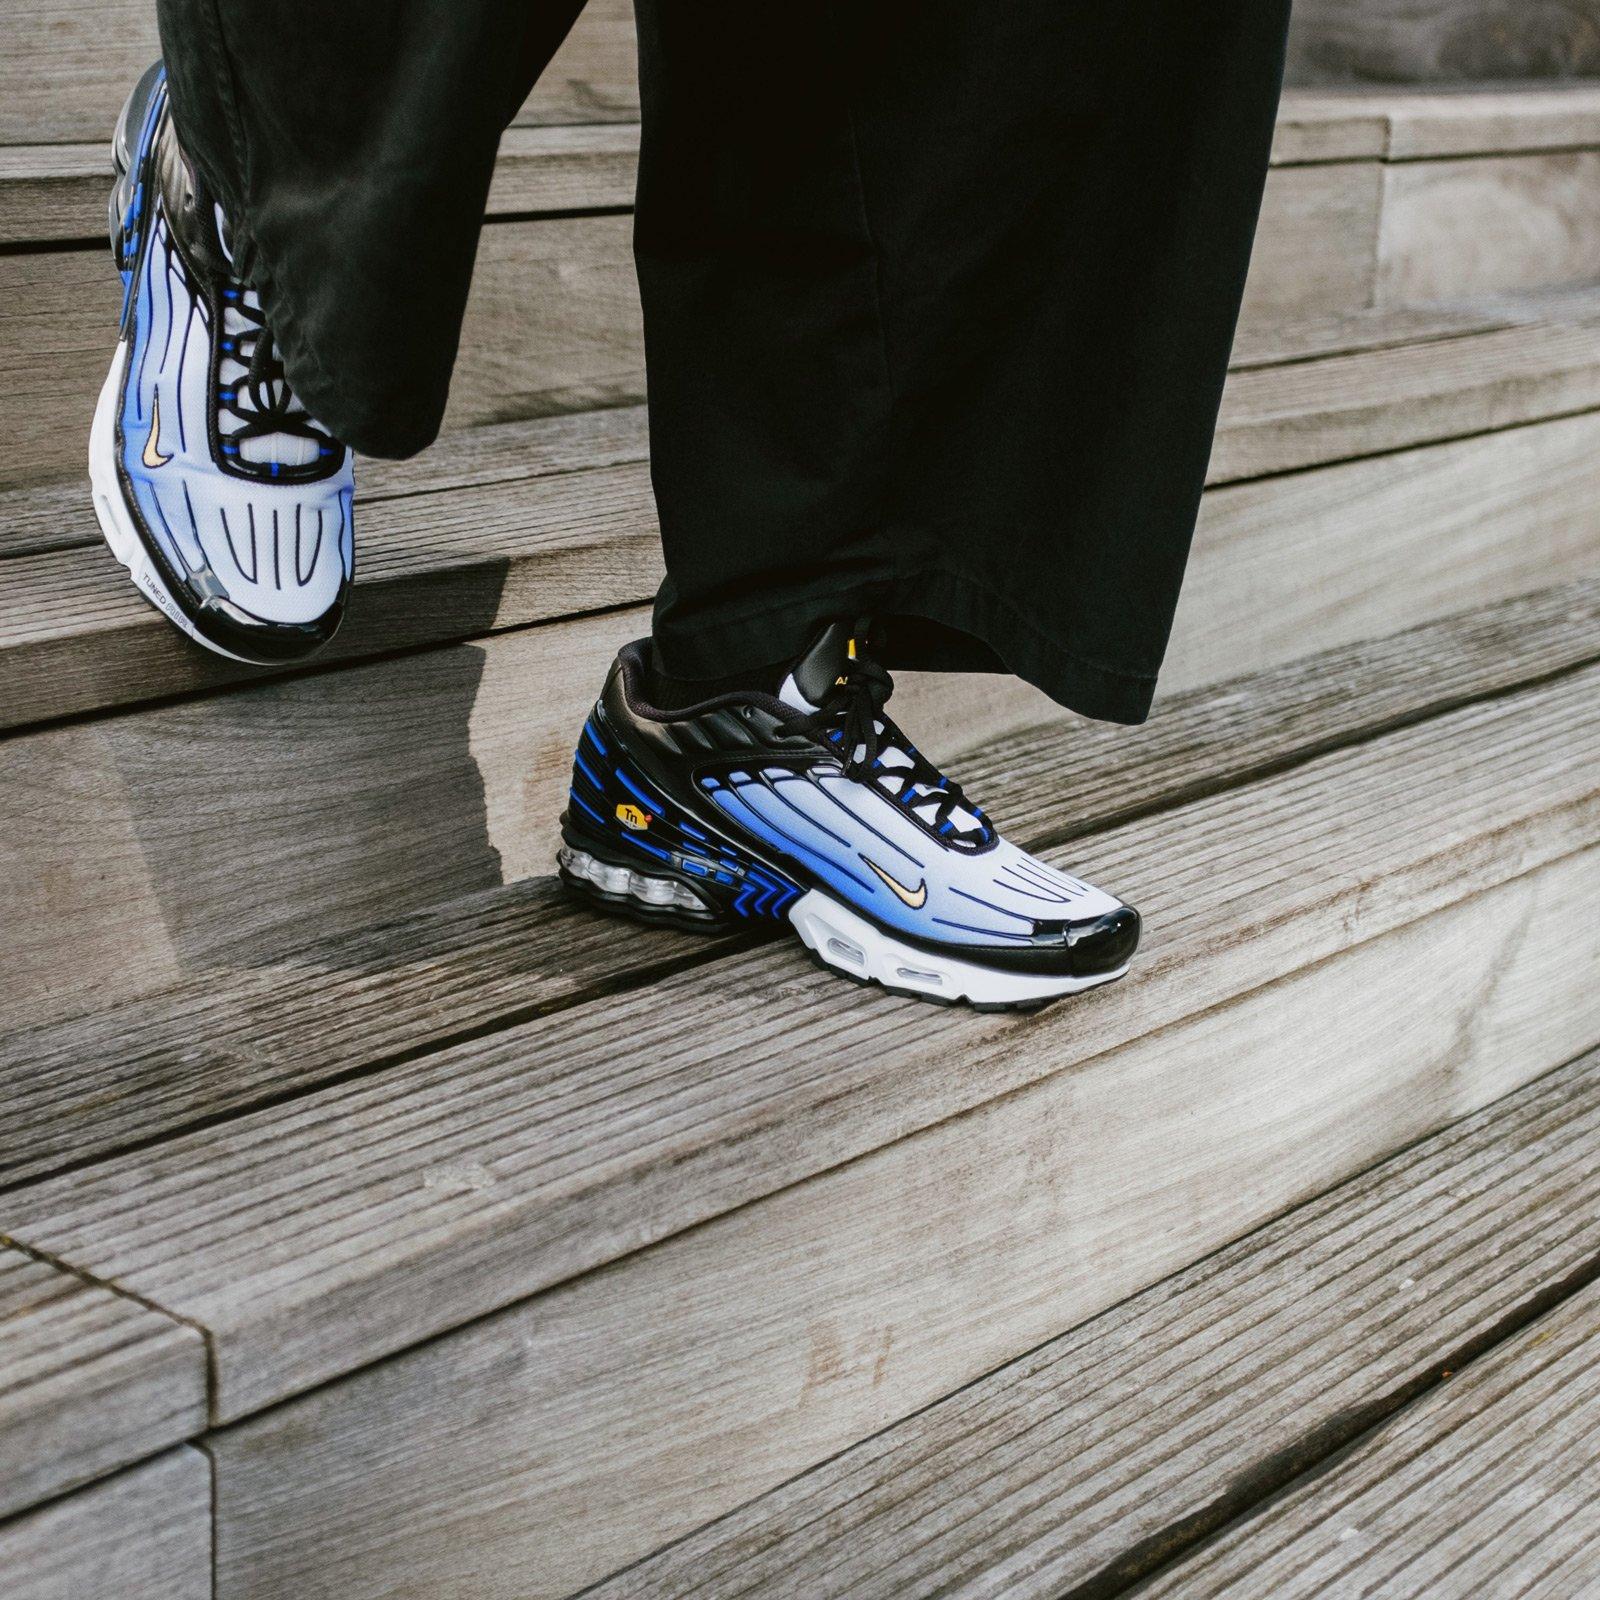 Nike Air Max Plus Iii Cj9684 001 Sneakersnstuff Sneakers